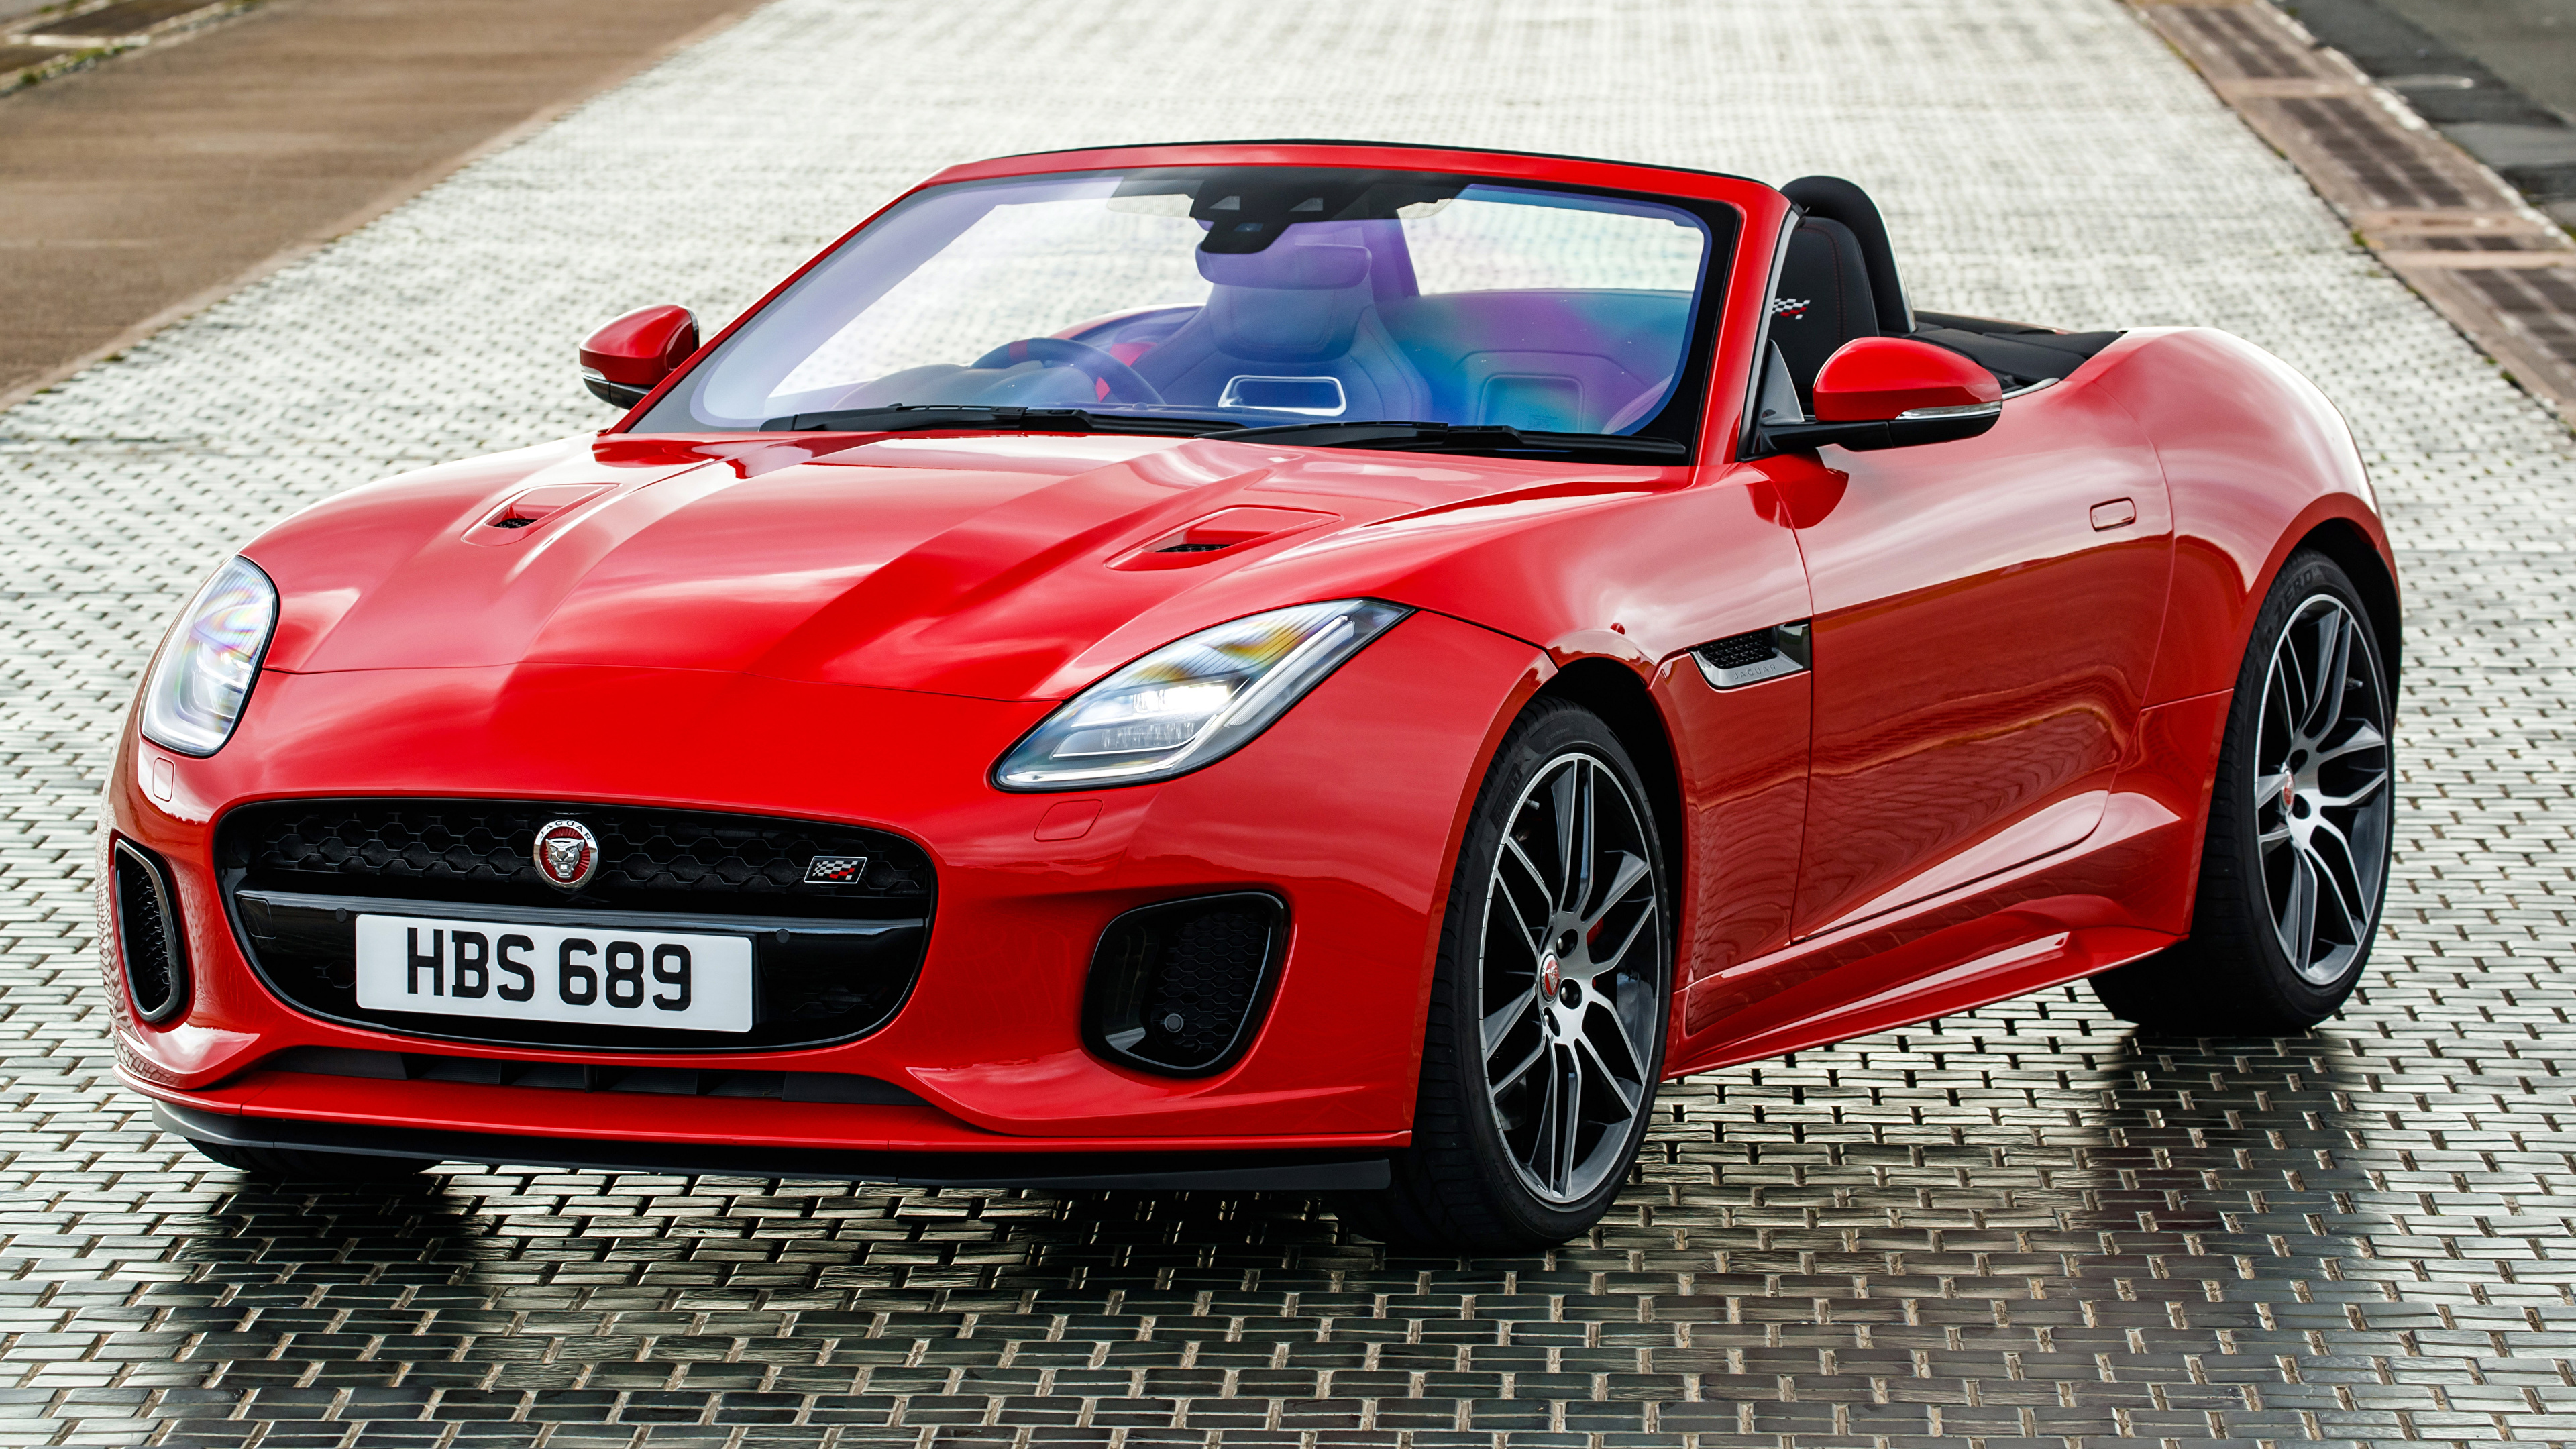 Обои для рабочего стола Ягуар 2018-19 F-Type  Chequered Flag  Convertible Кабриолет красные машины Металлик 3840x2160 Jaguar кабриолета красных Красный красная авто машина автомобиль Автомобили